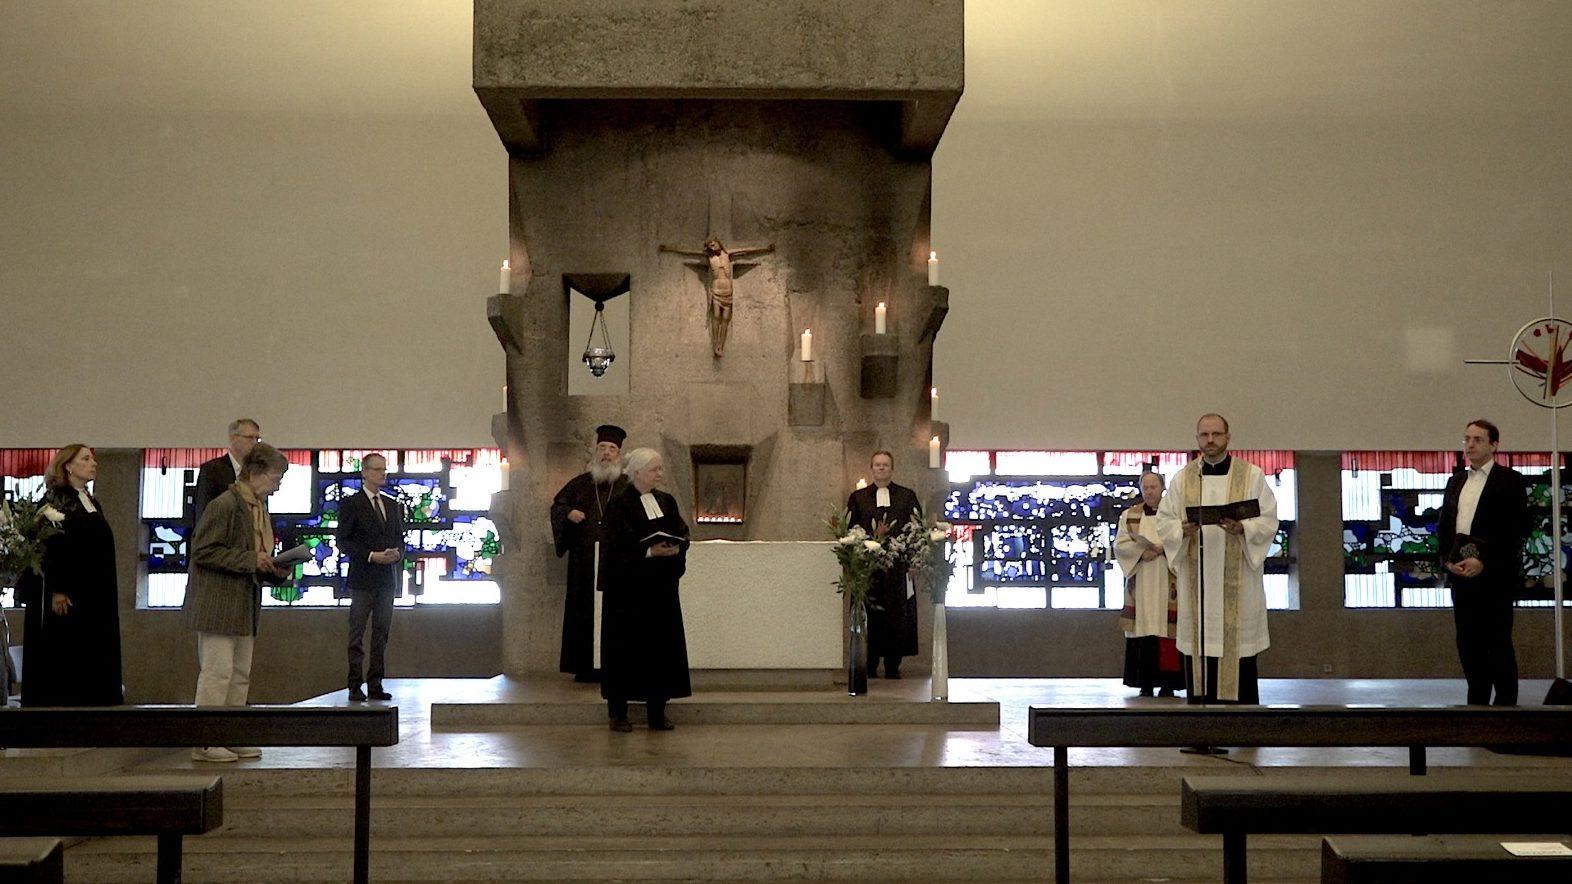 """""""Die Opfer nicht vergessen"""" – Gedenkgottesdienst der Arbeitsgemeinschaft Christlicher Kirchen in Köln am 8. Mai zum Kriegsende vor 75 Jahren"""